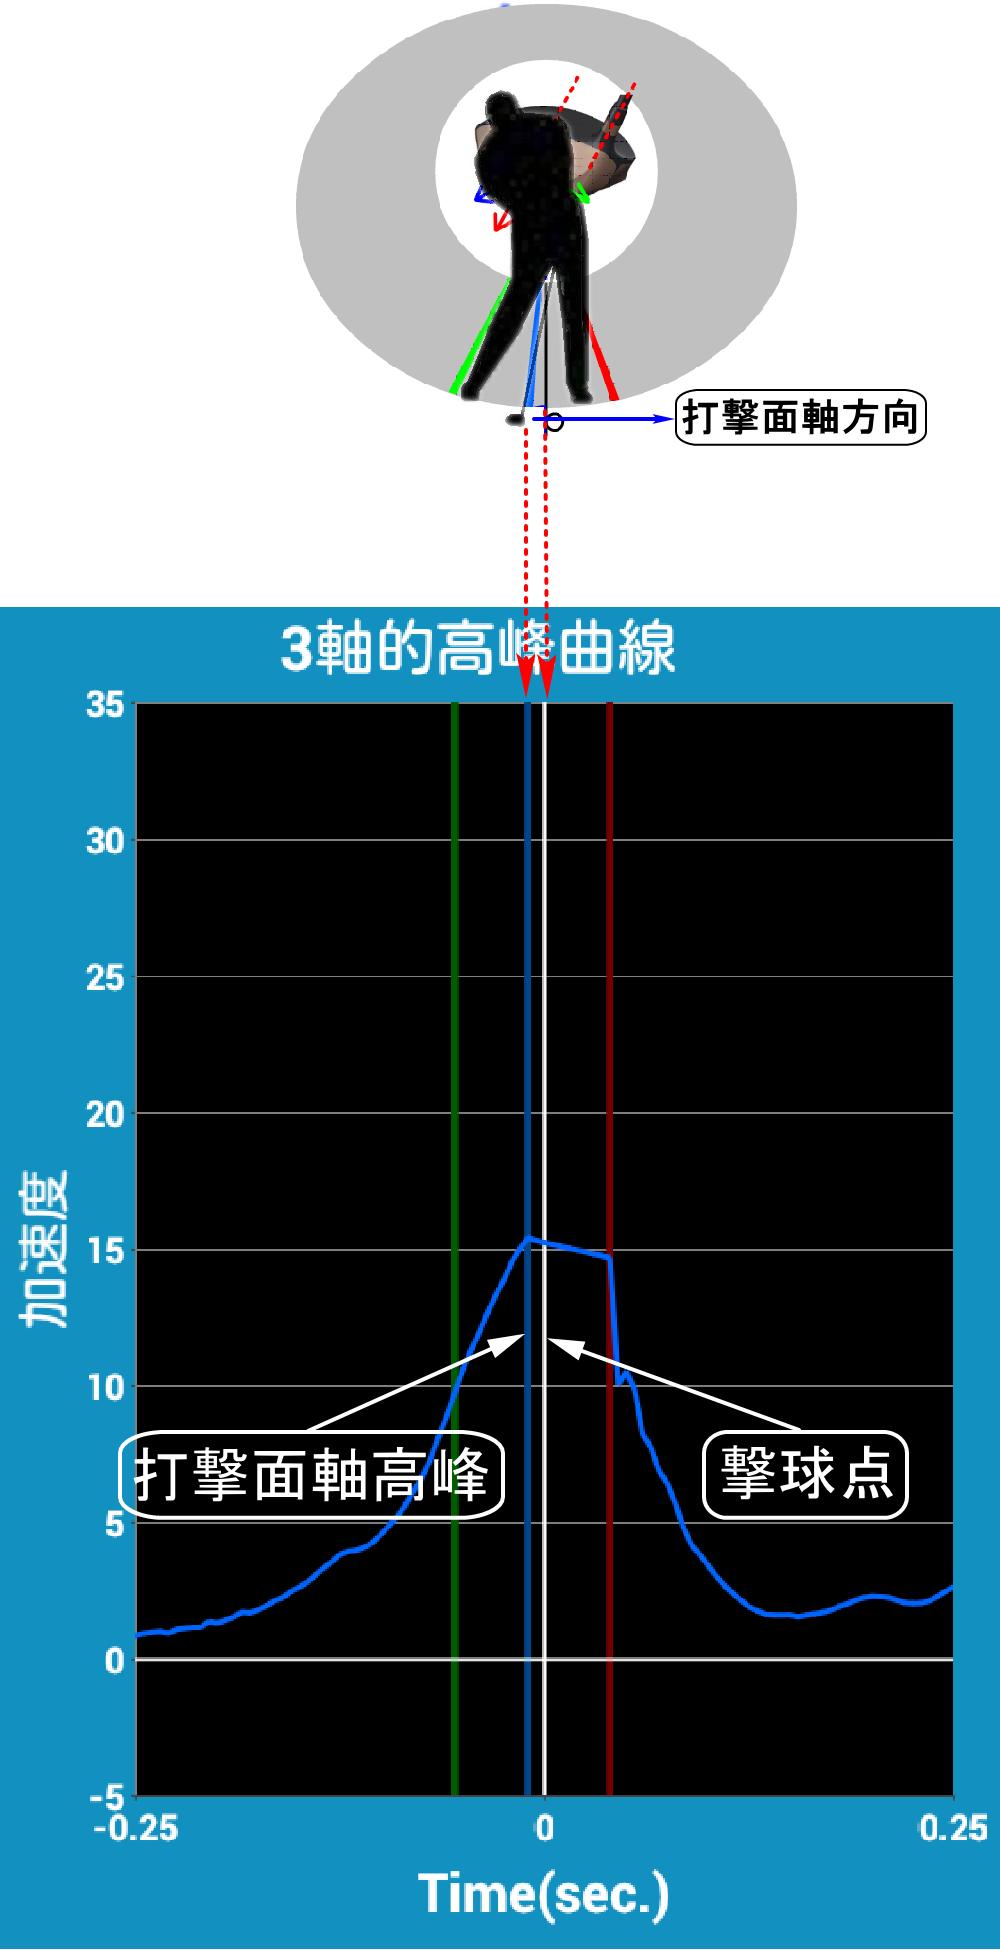 SmartShot的打击面轴方向的挥杆速度及及高峰点